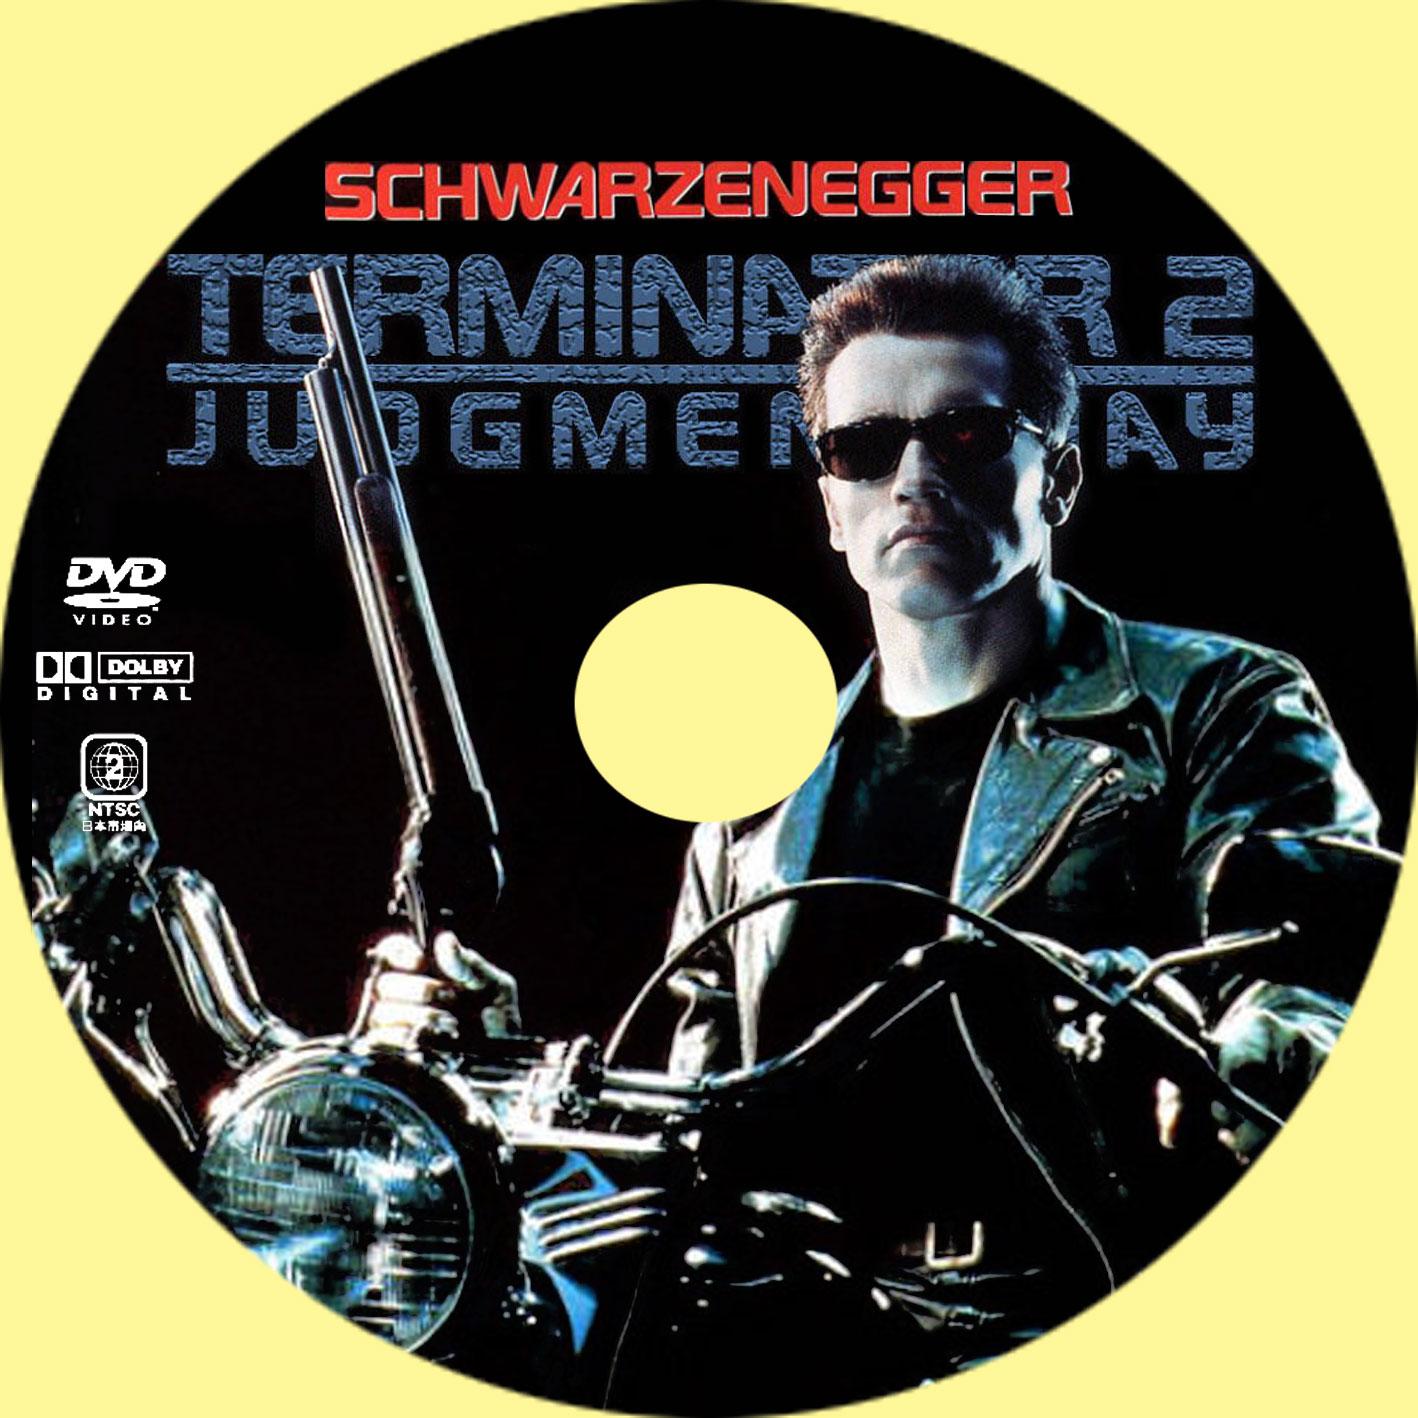 ターミネー... T 1000 Terminator 2